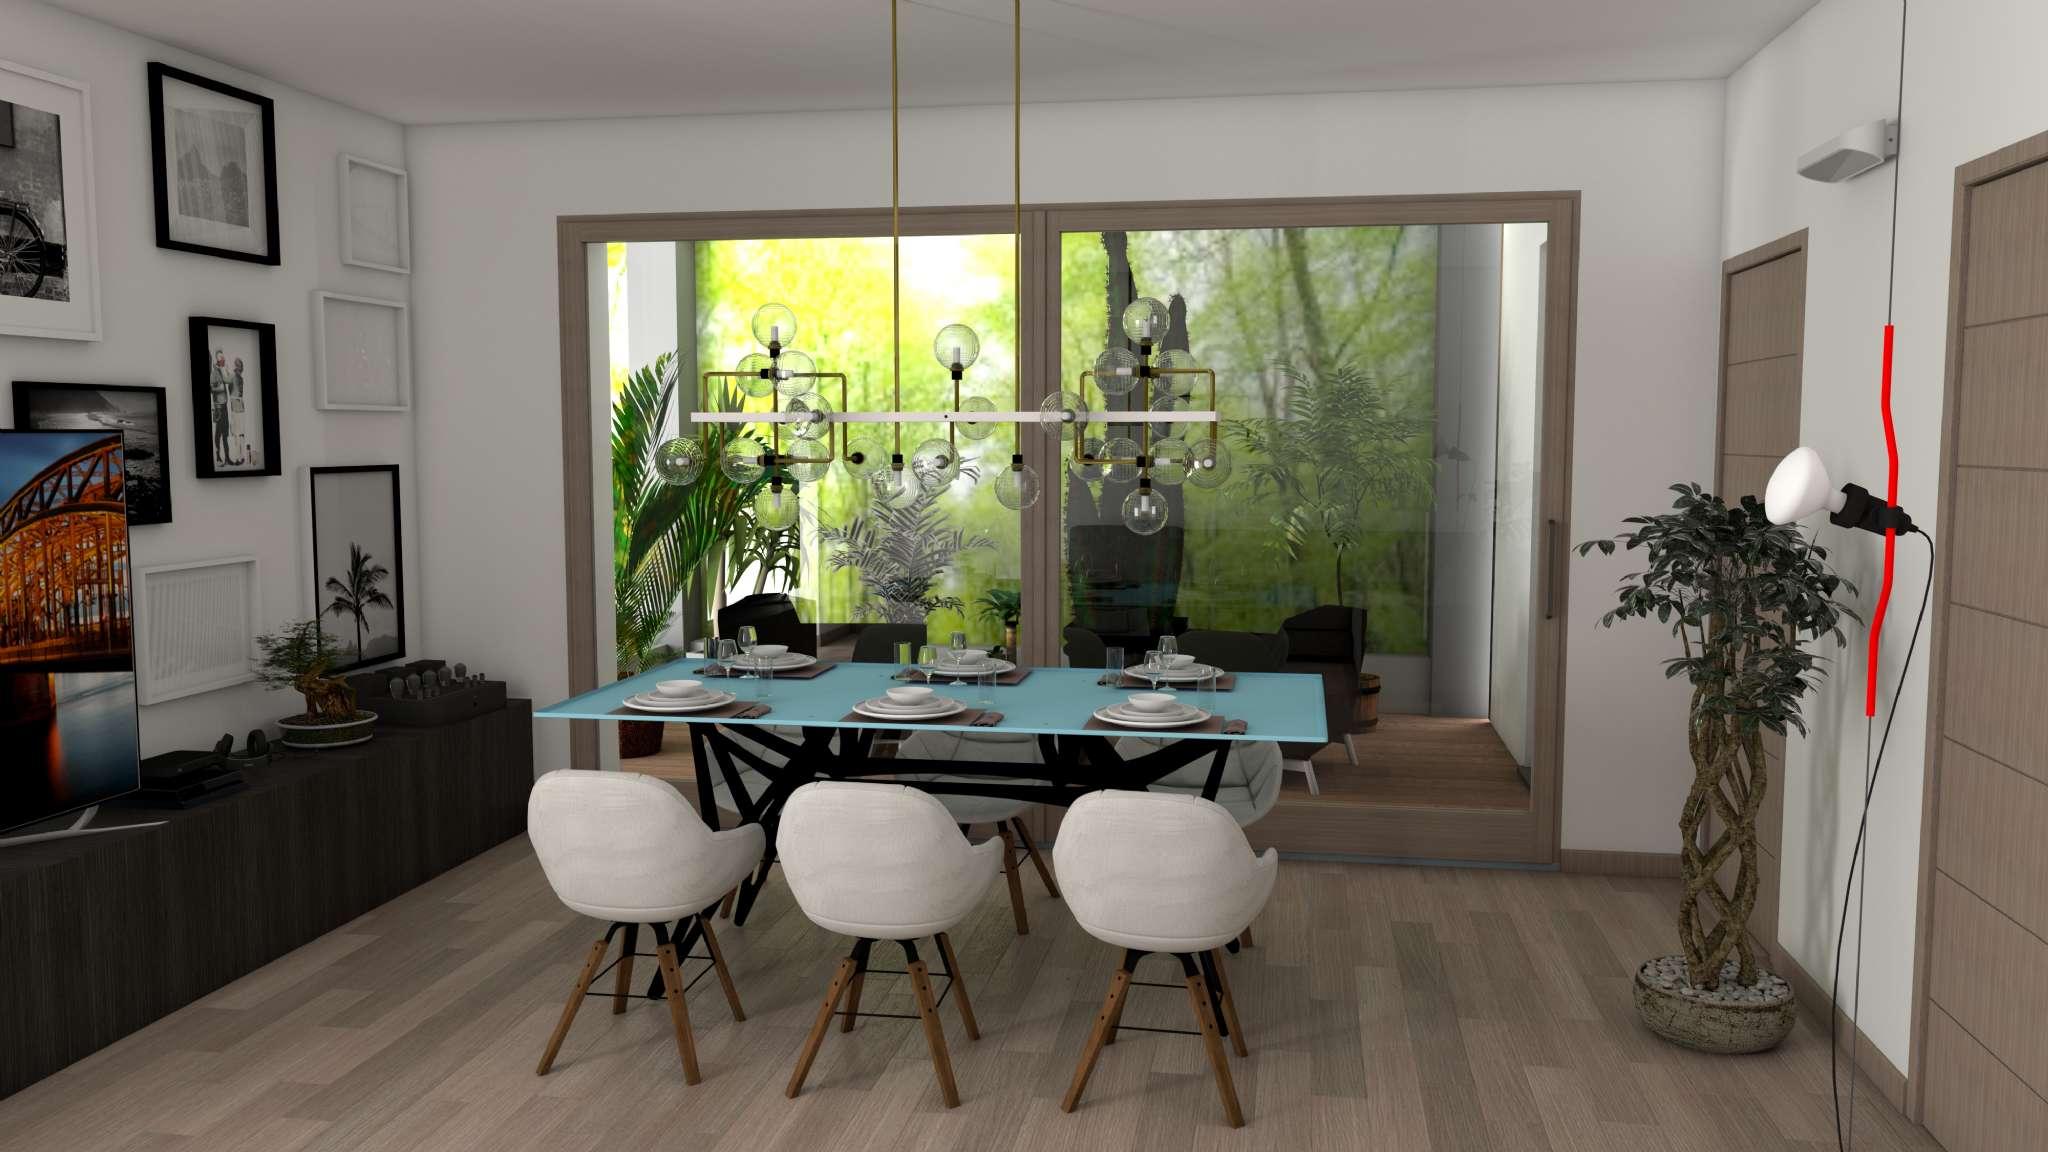 Appartamento in vendita a Muggiò, 4 locali, prezzo € 317.500 | PortaleAgenzieImmobiliari.it